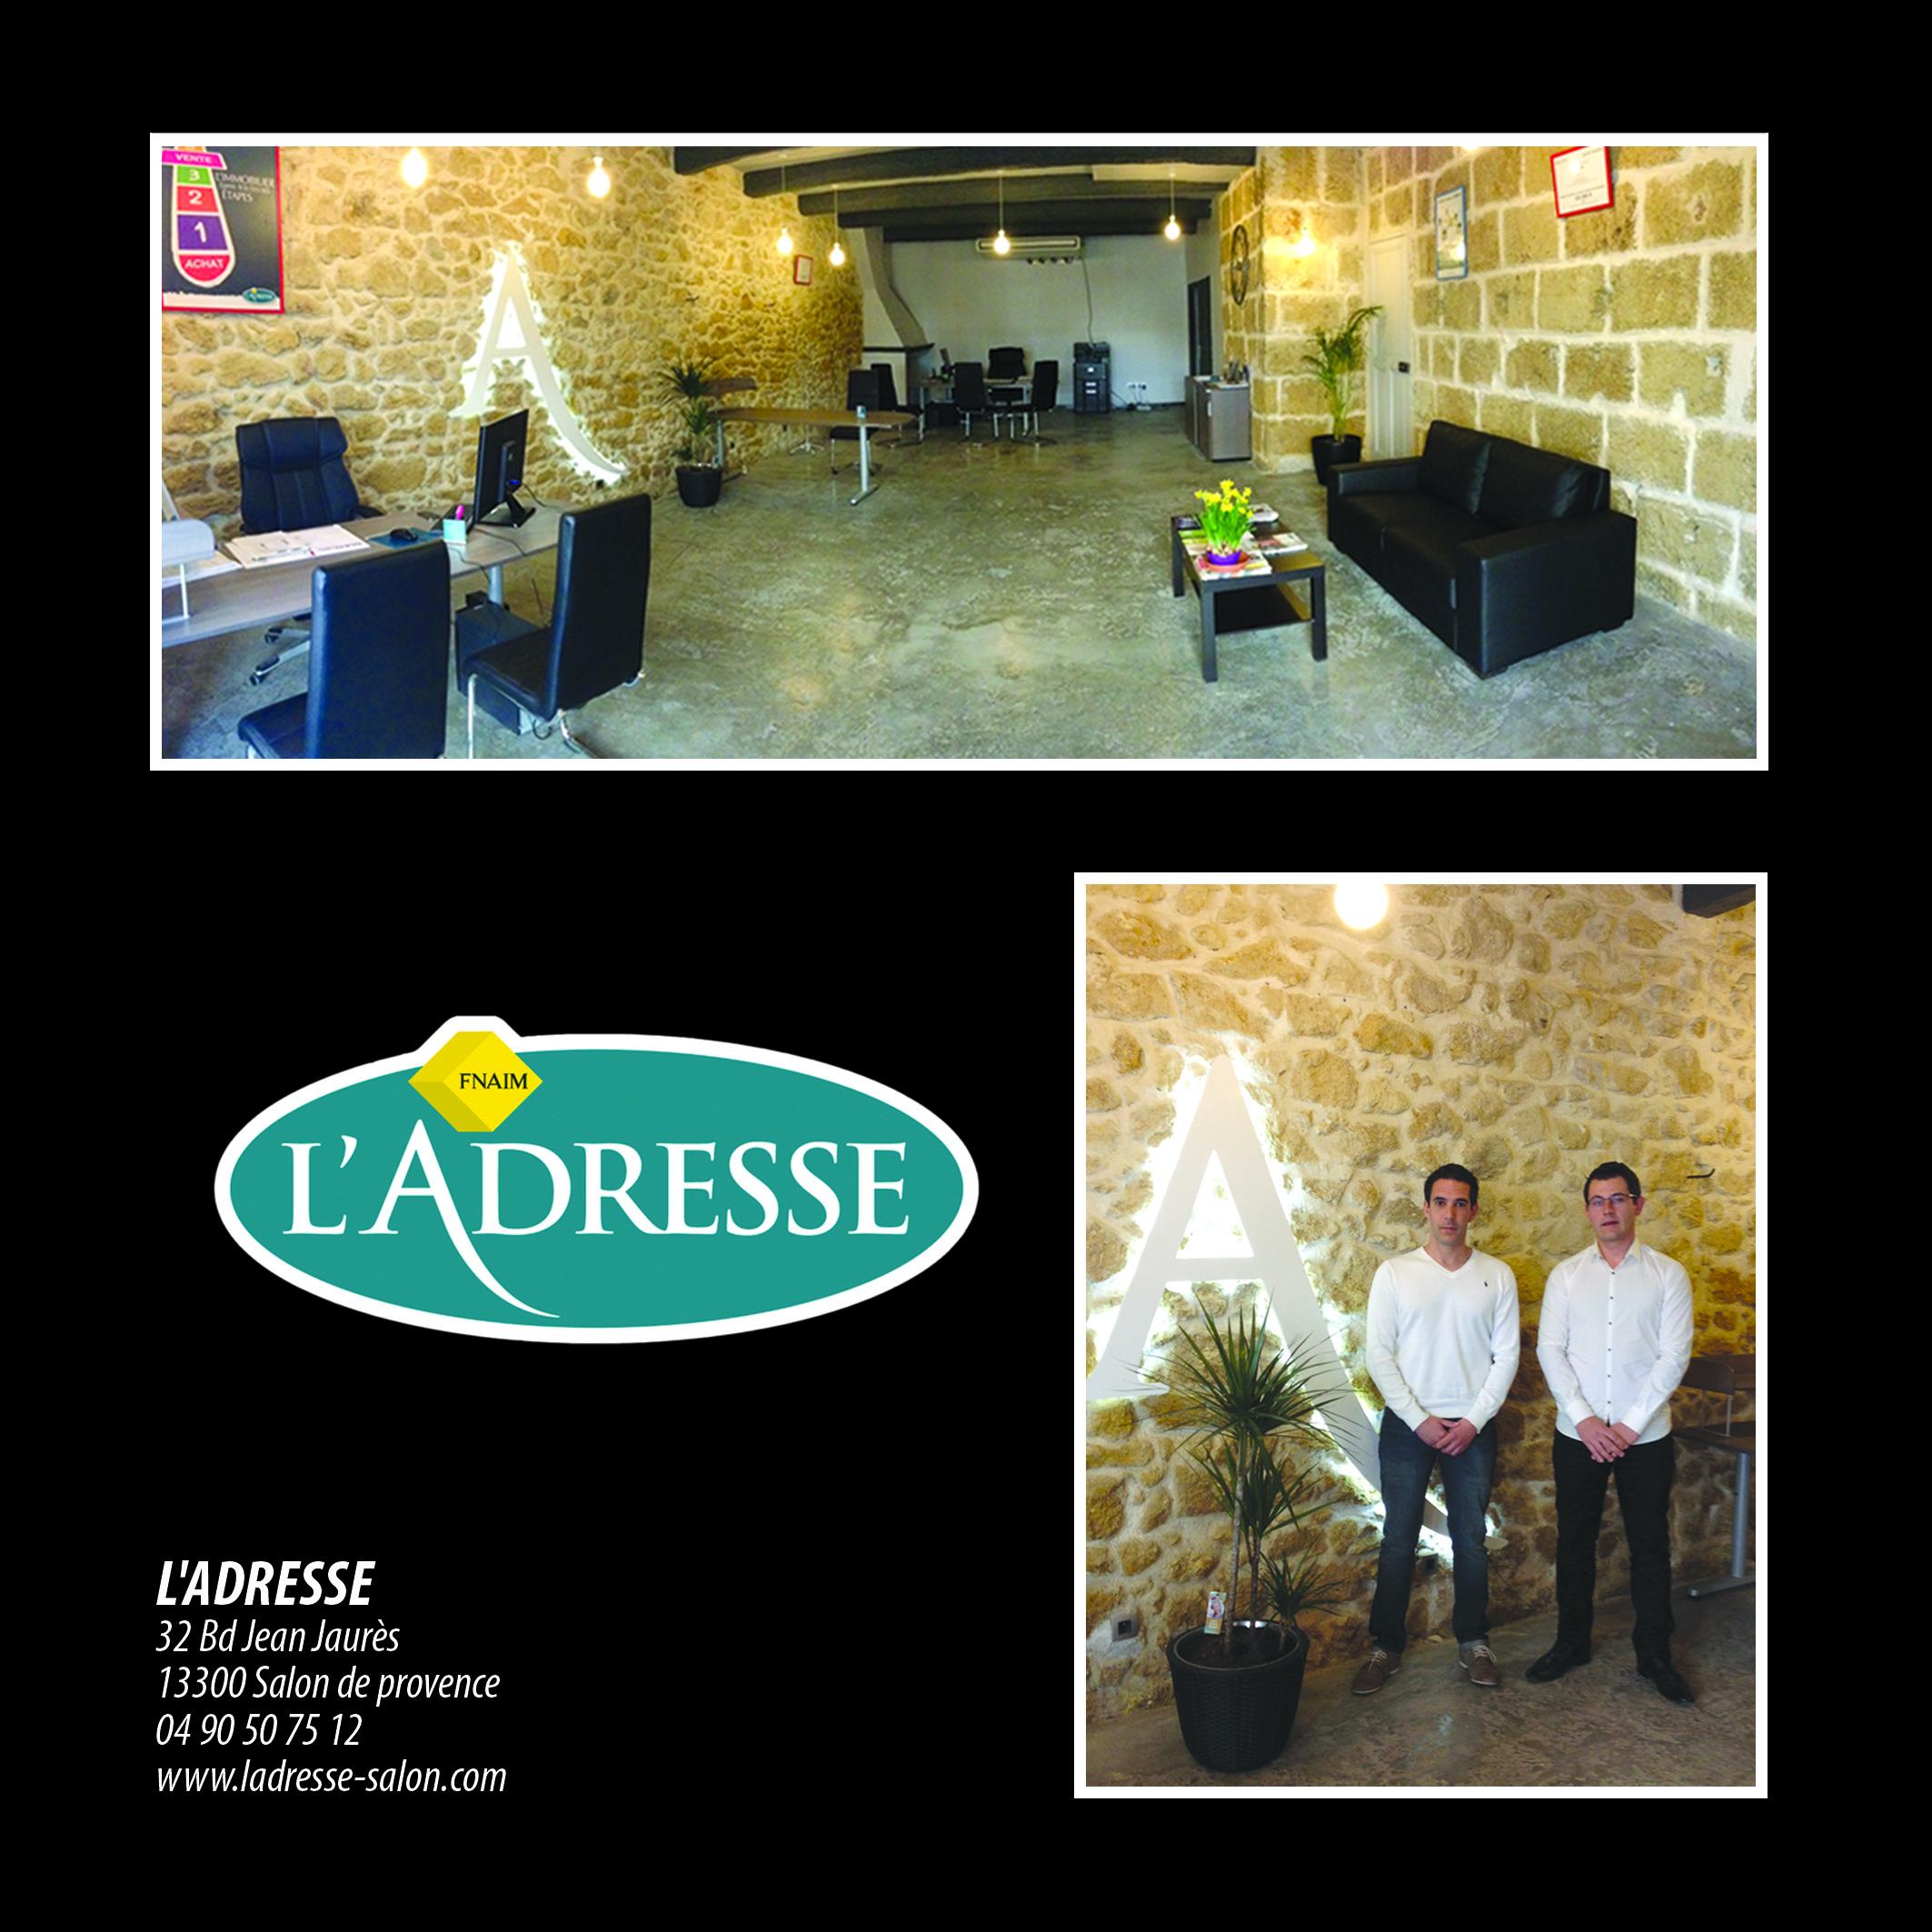 Immobilier salon de provence plessanne grans l 39 adresse nostra immo salon - Agences immobilieres salon de provence ...